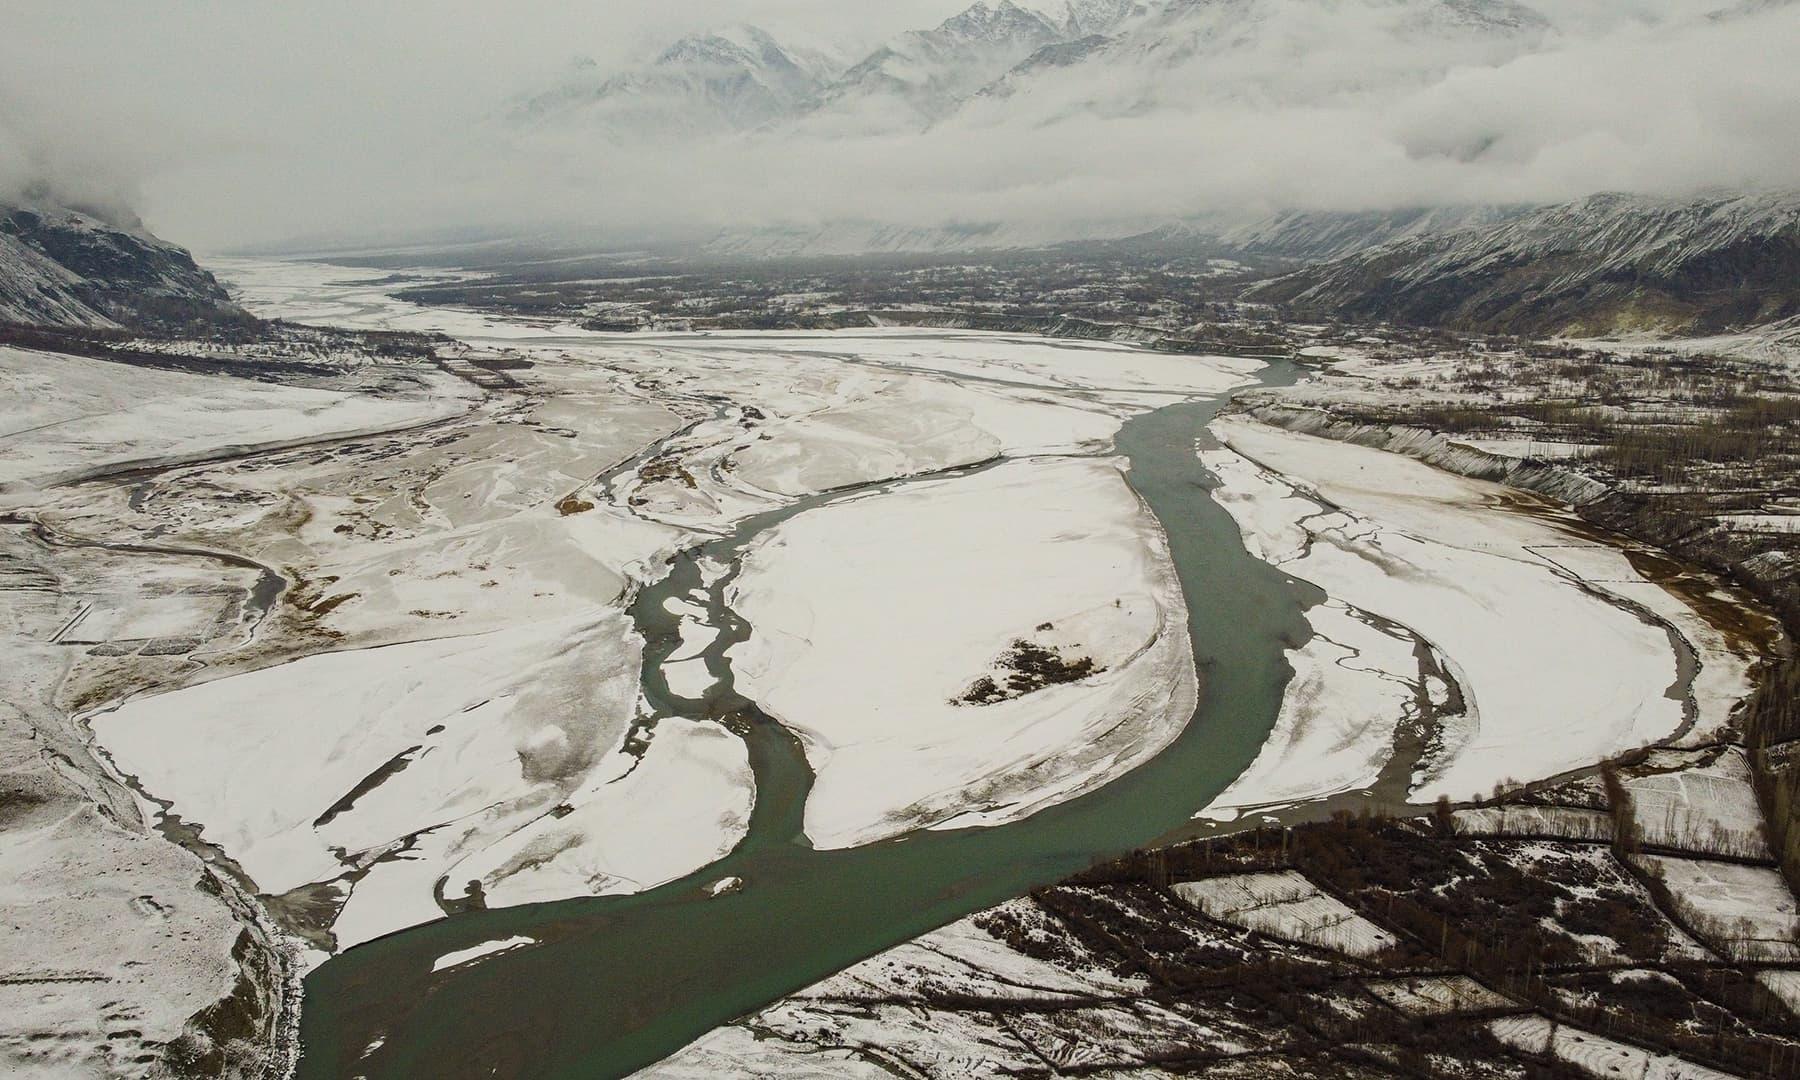 دریائے شگر کا موسمِ سرما میں ایک خوبصورت منظر